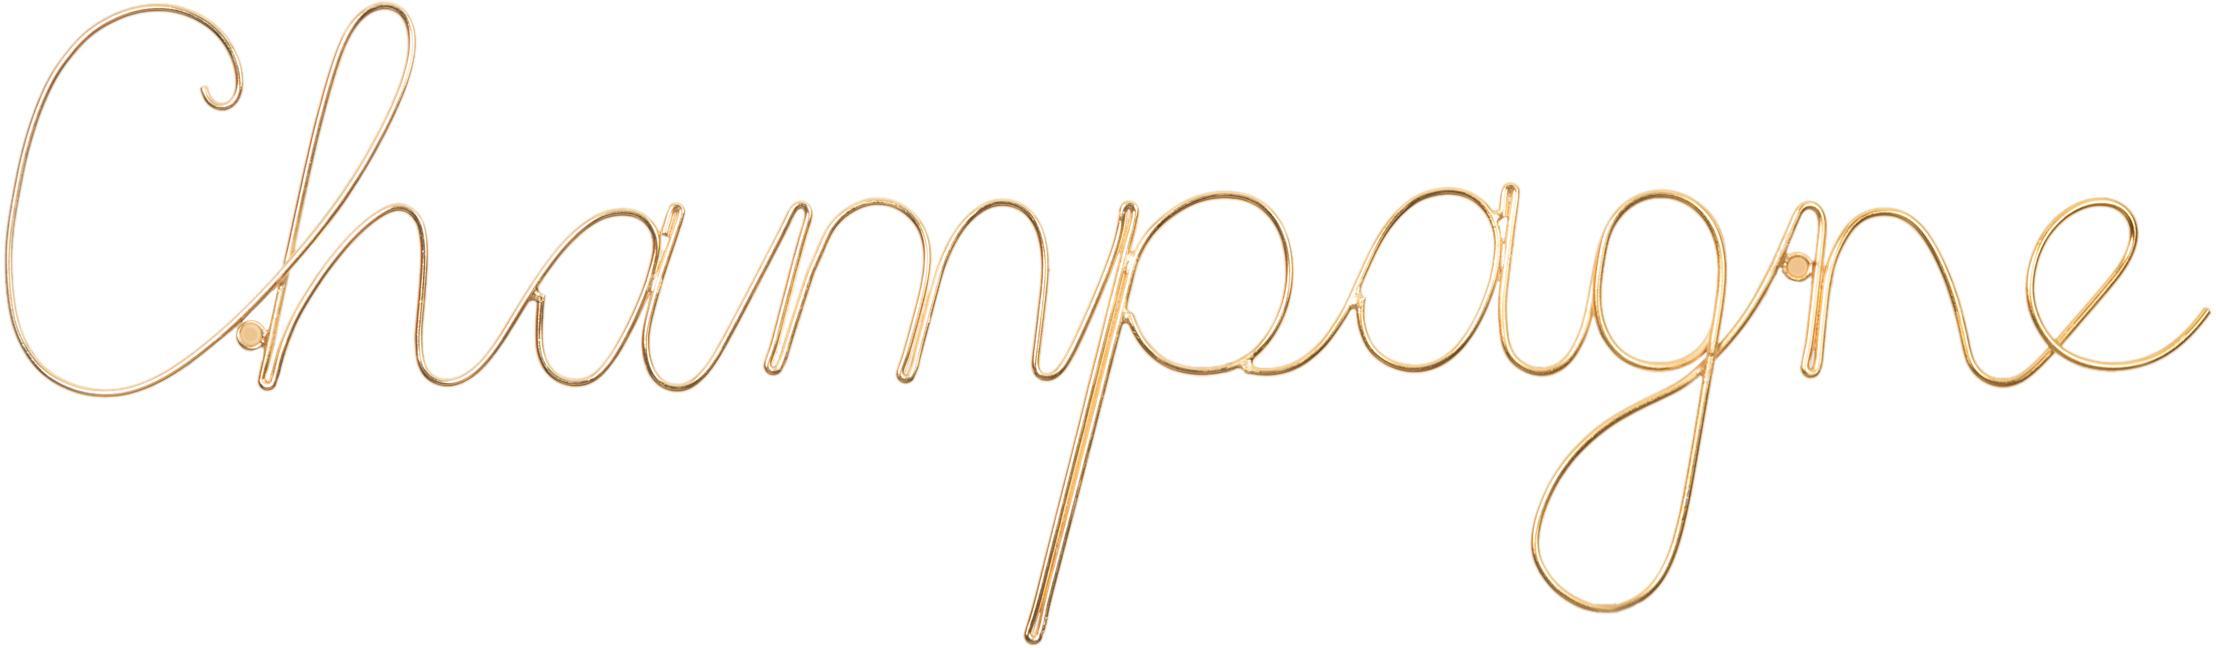 Dekoracja ścienna z aluminium Champagne, Aluminium, Odcienie złotego, S 57 x W 16 cm